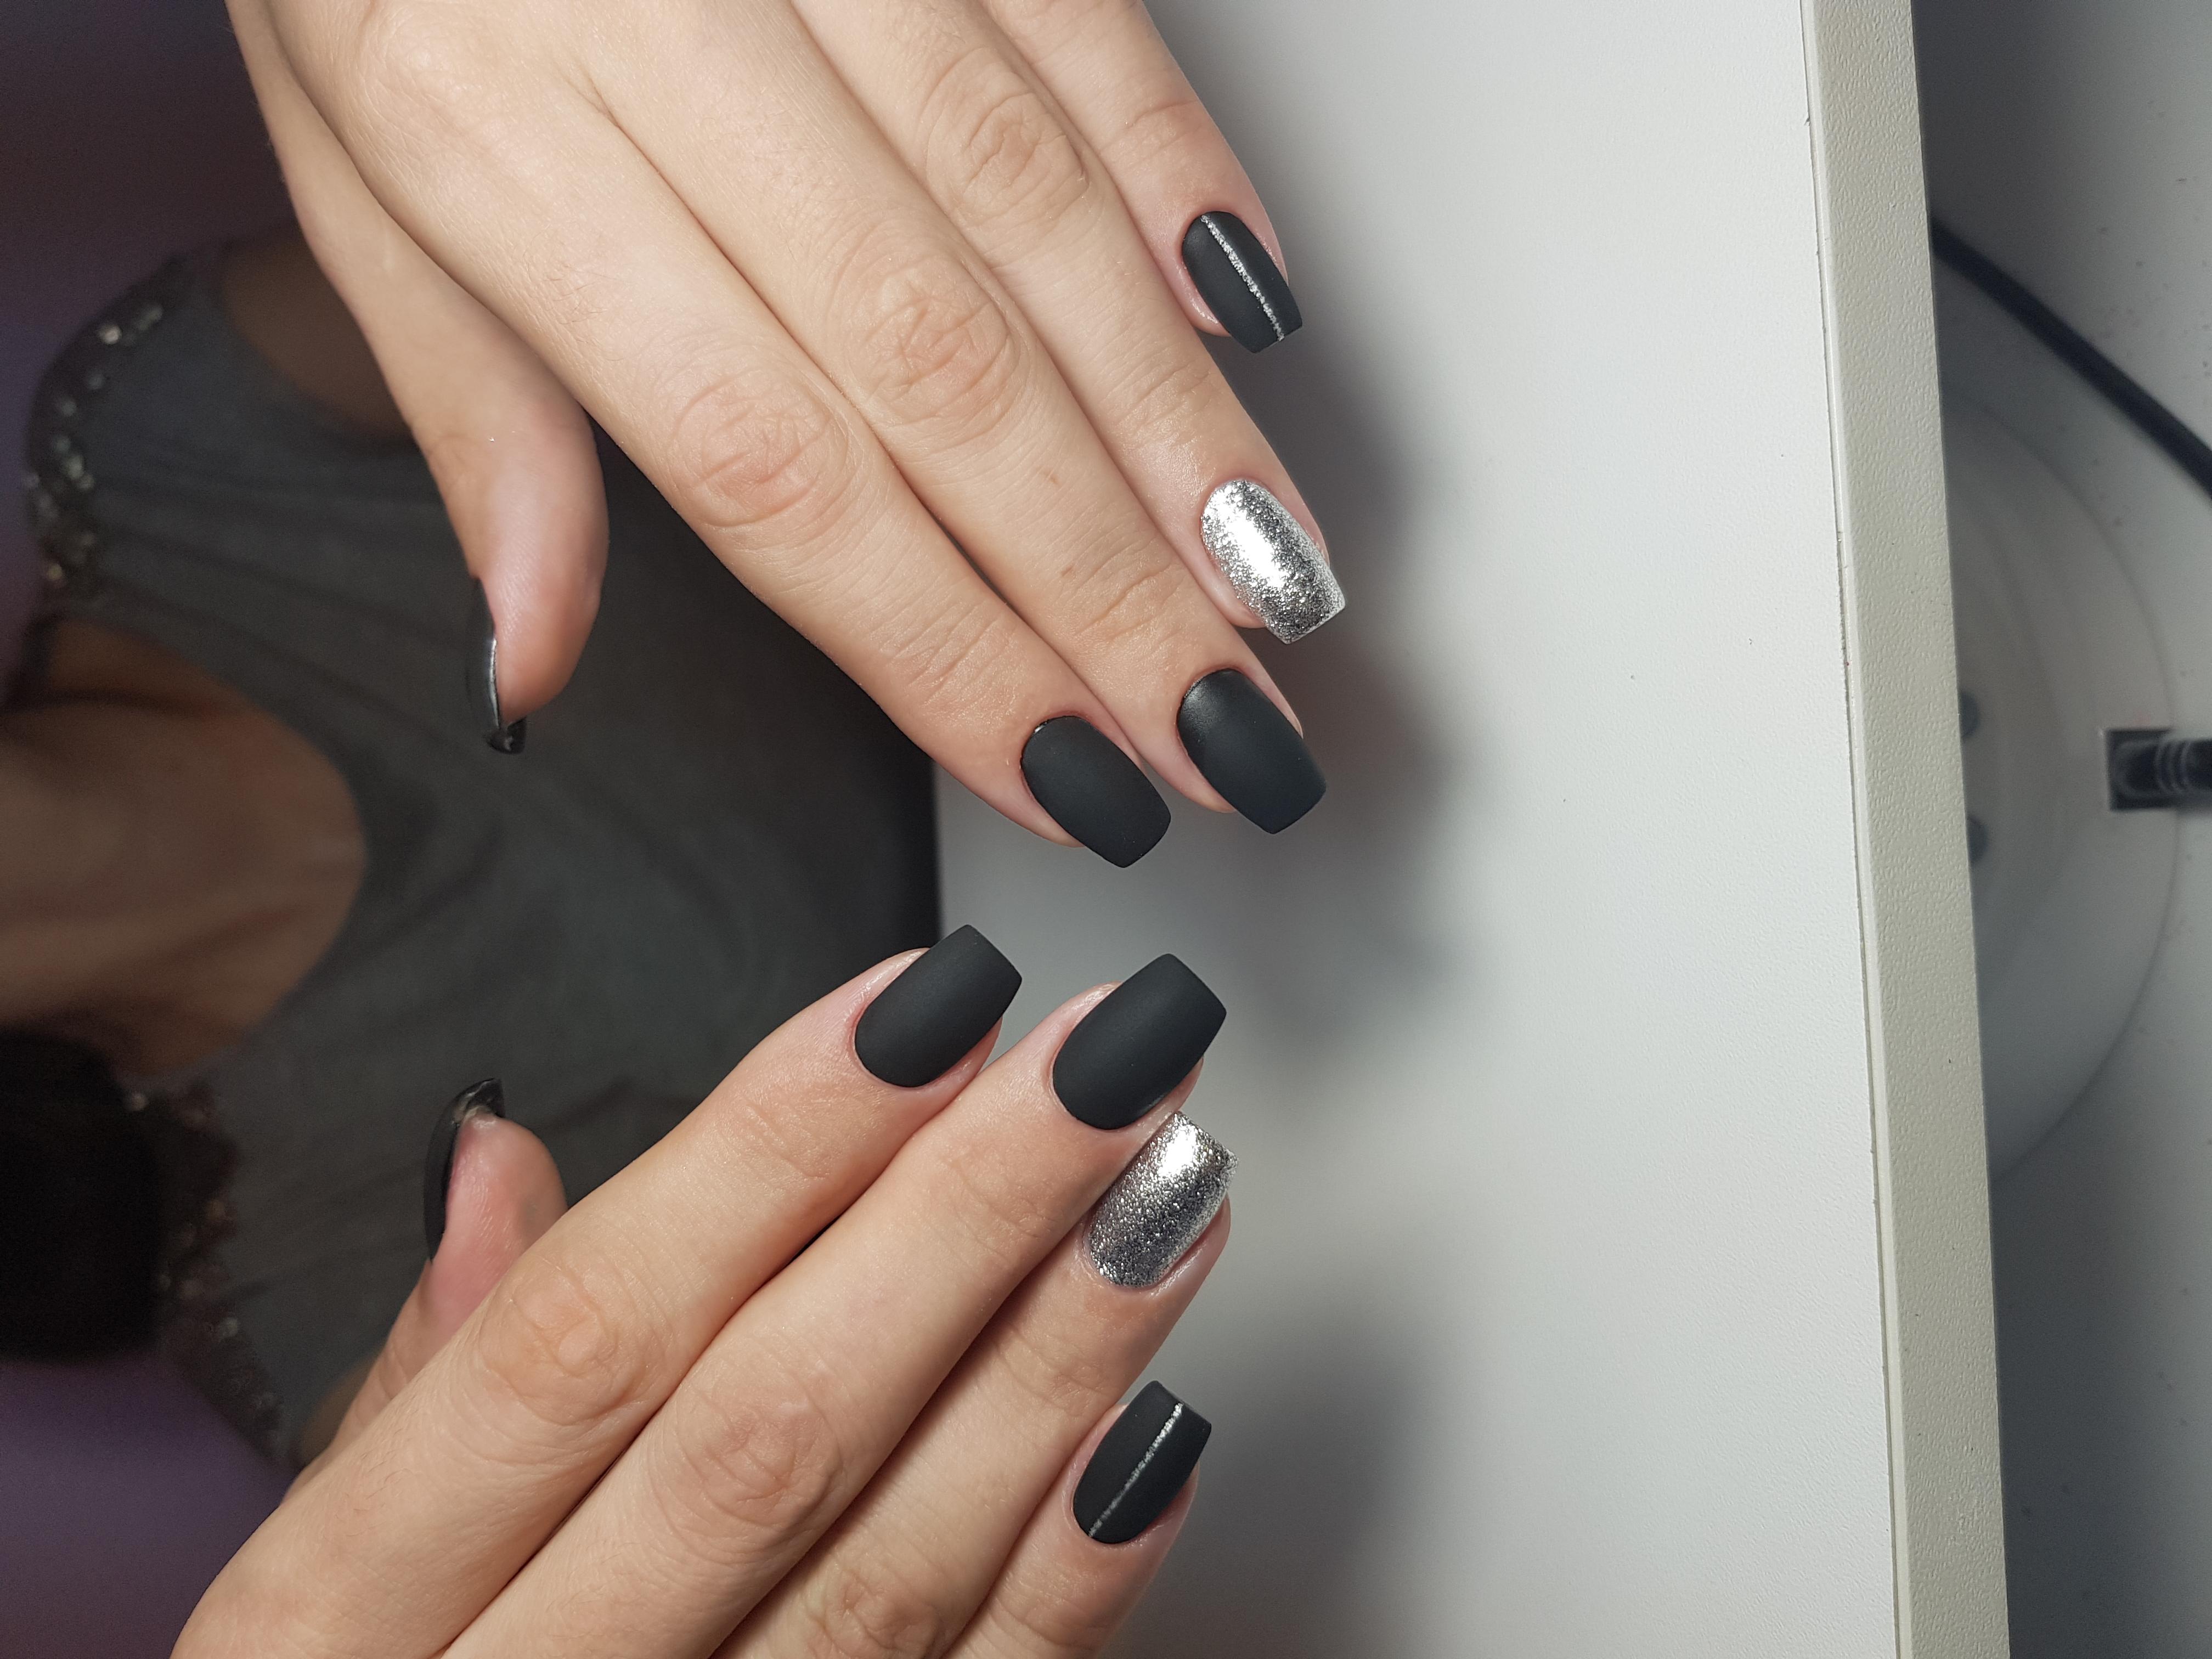 Матовый маникюр с серебряными блестками в черном цвете.